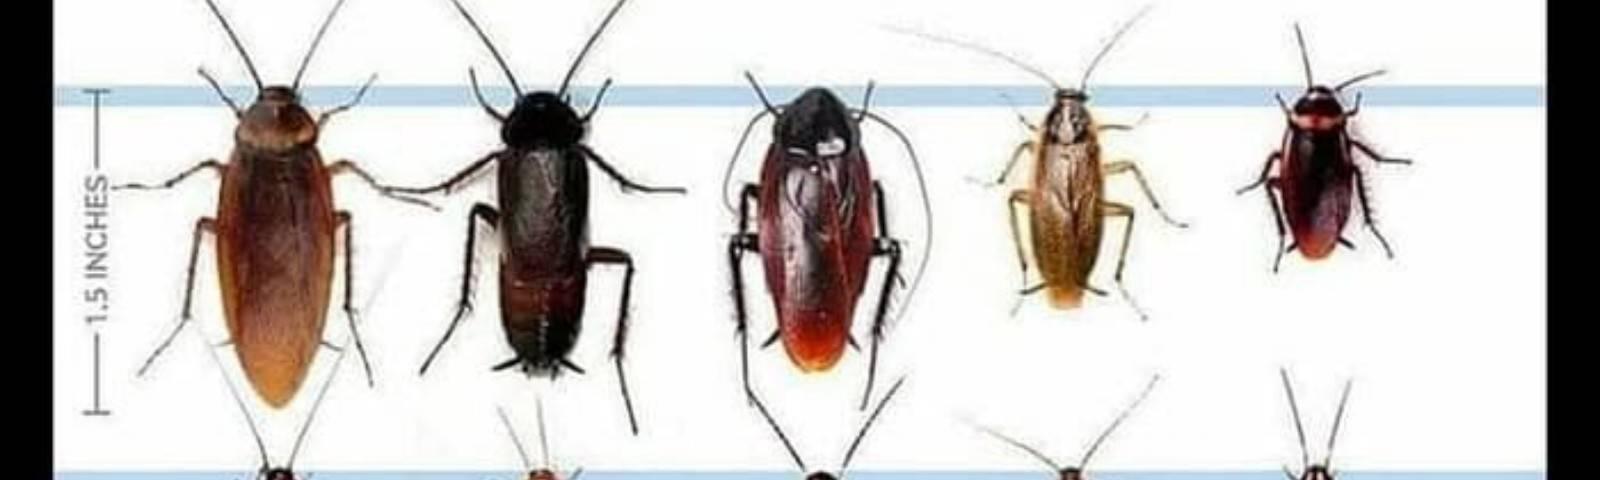 Чего боятся тараканы в квартире и какой запах отпугивает тараканов